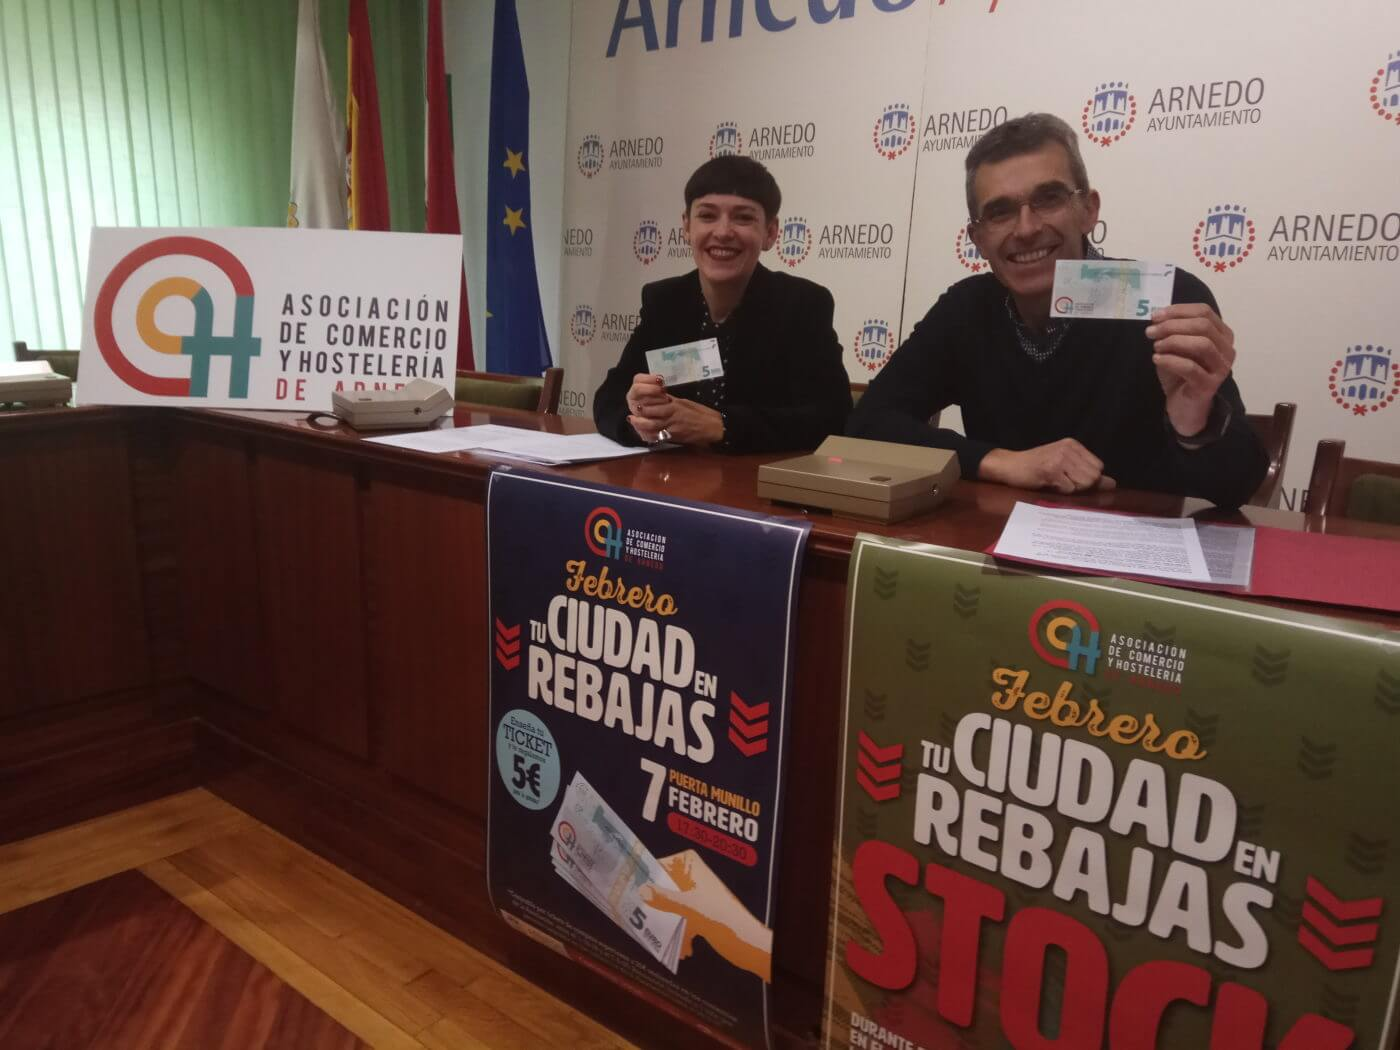 La Asociación de Comercio y Hostelería de Arnedo presenta la campaña 'Febrero, tu ciudad en rebajas'